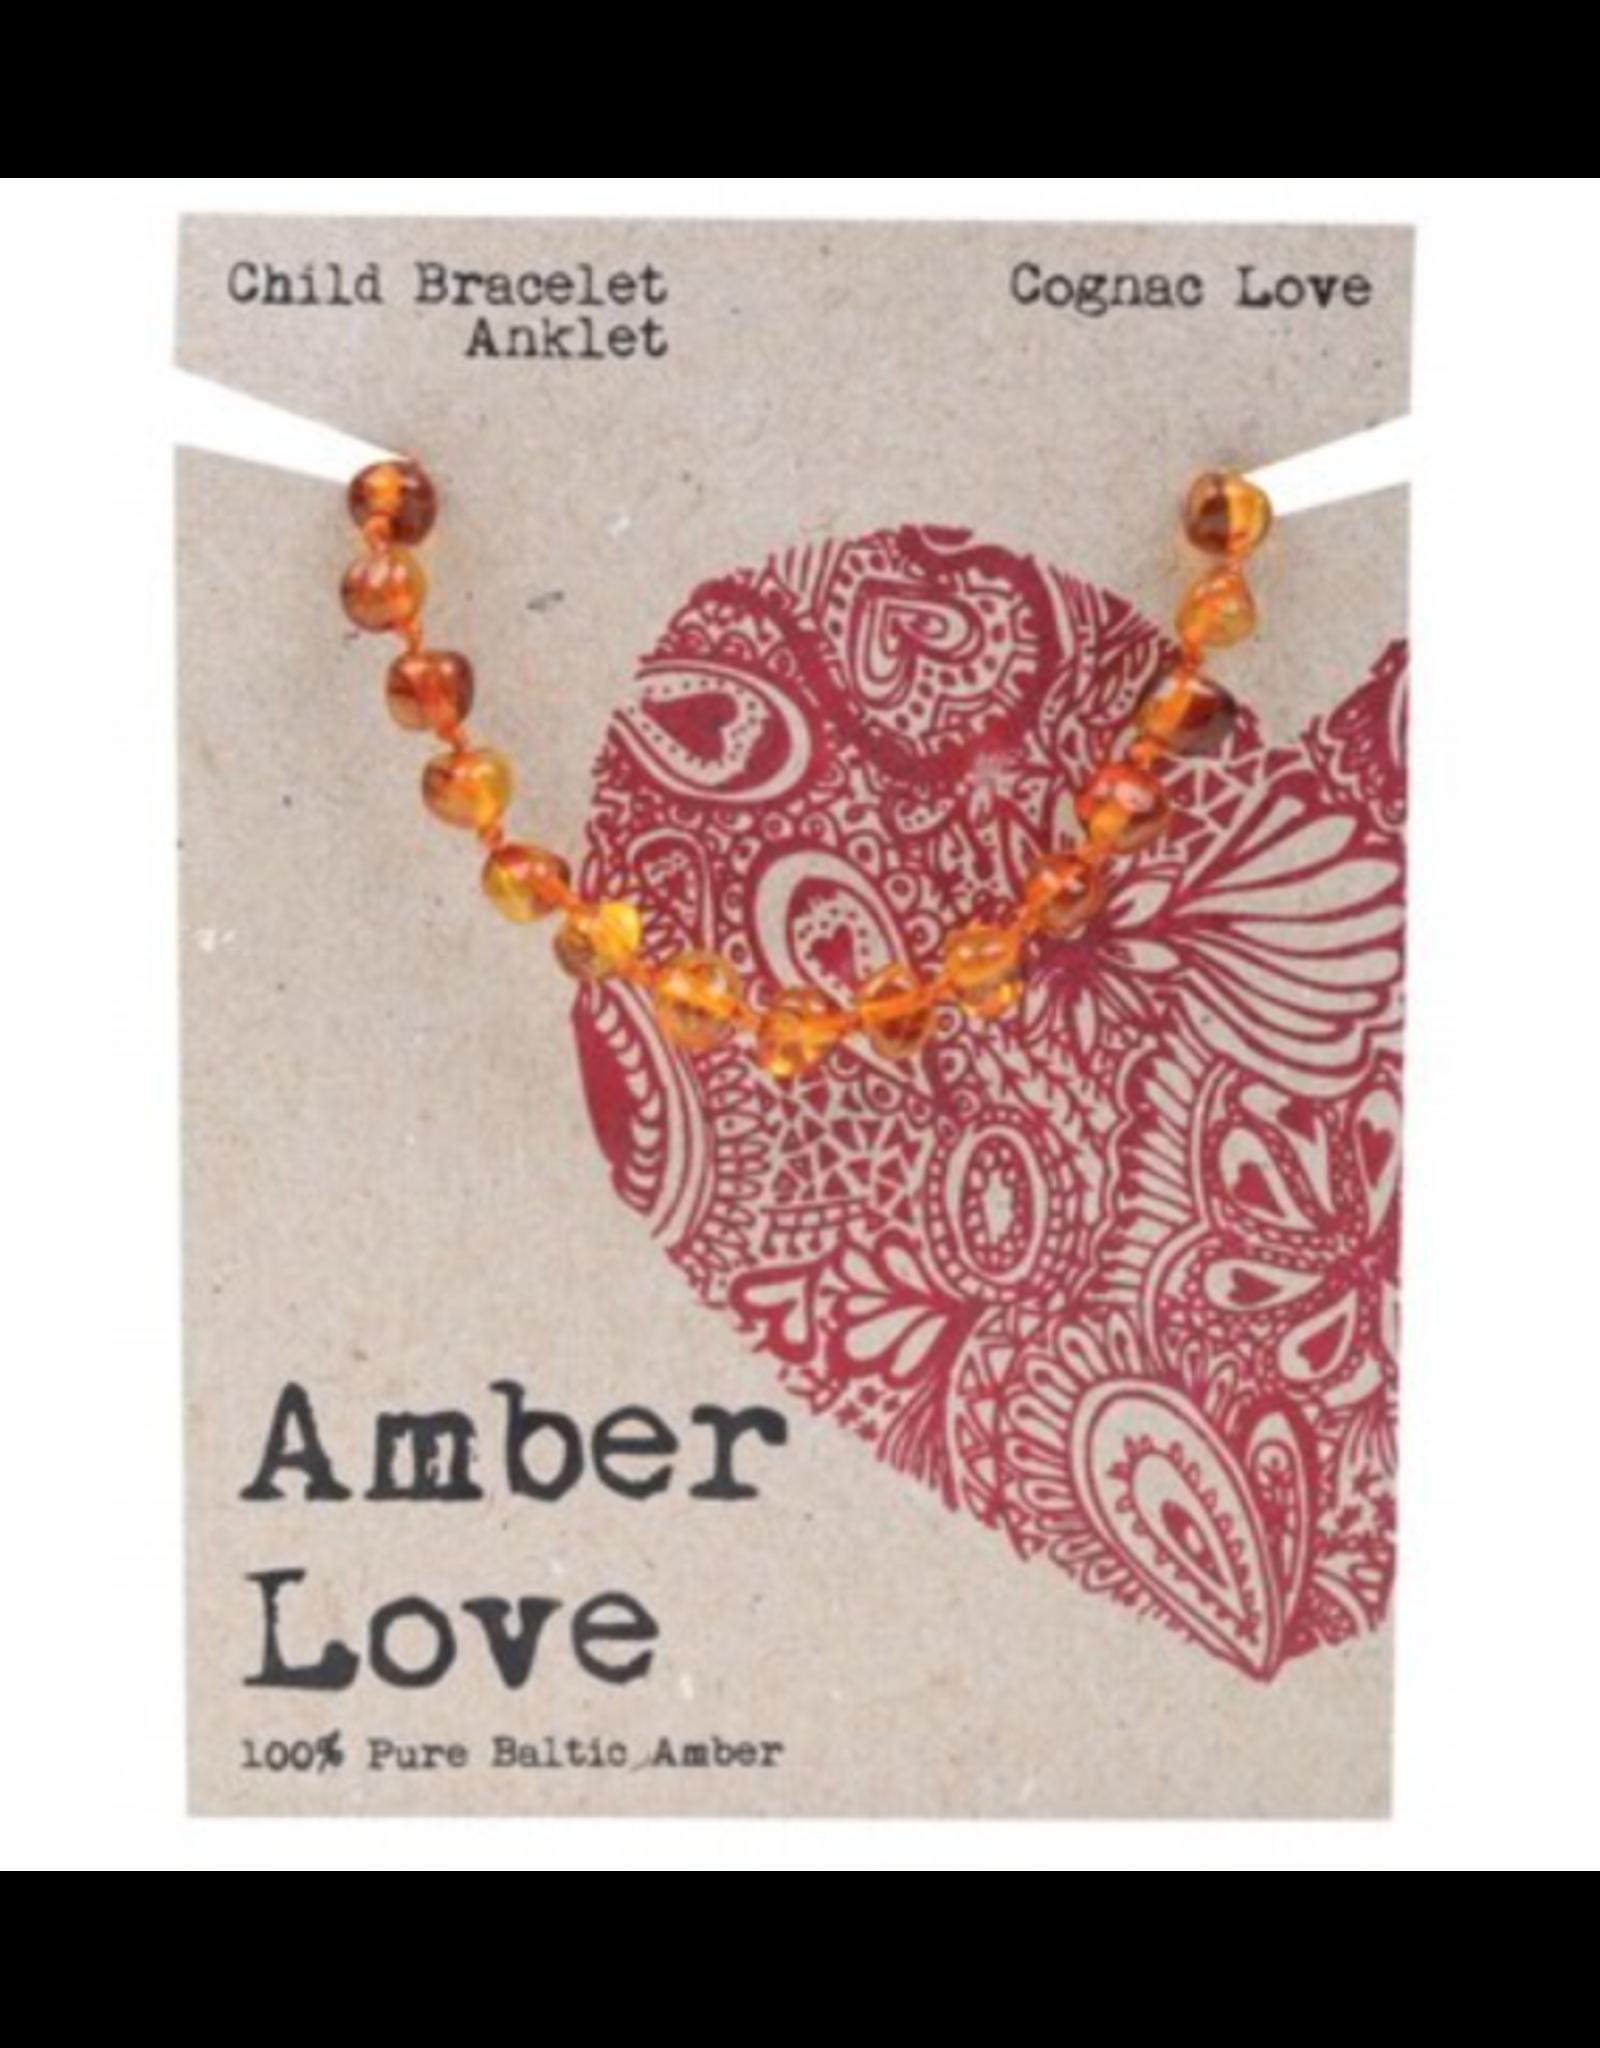 Amber Love Children's Bracelet/Anklet Baltic Amber - Cognac Love 14cm